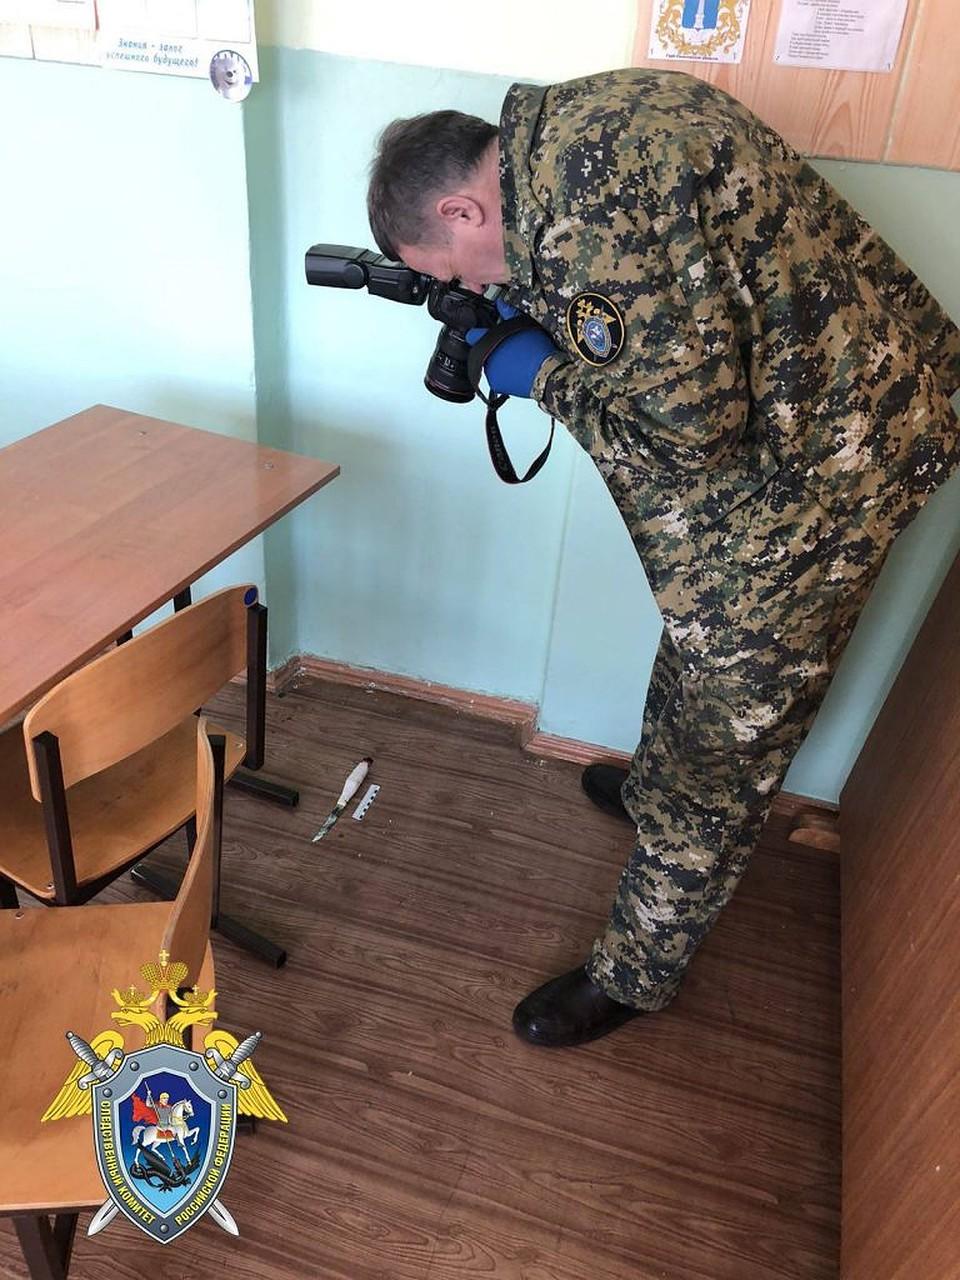 Фото: пресс-служба следственного комитета Ульяновской области.